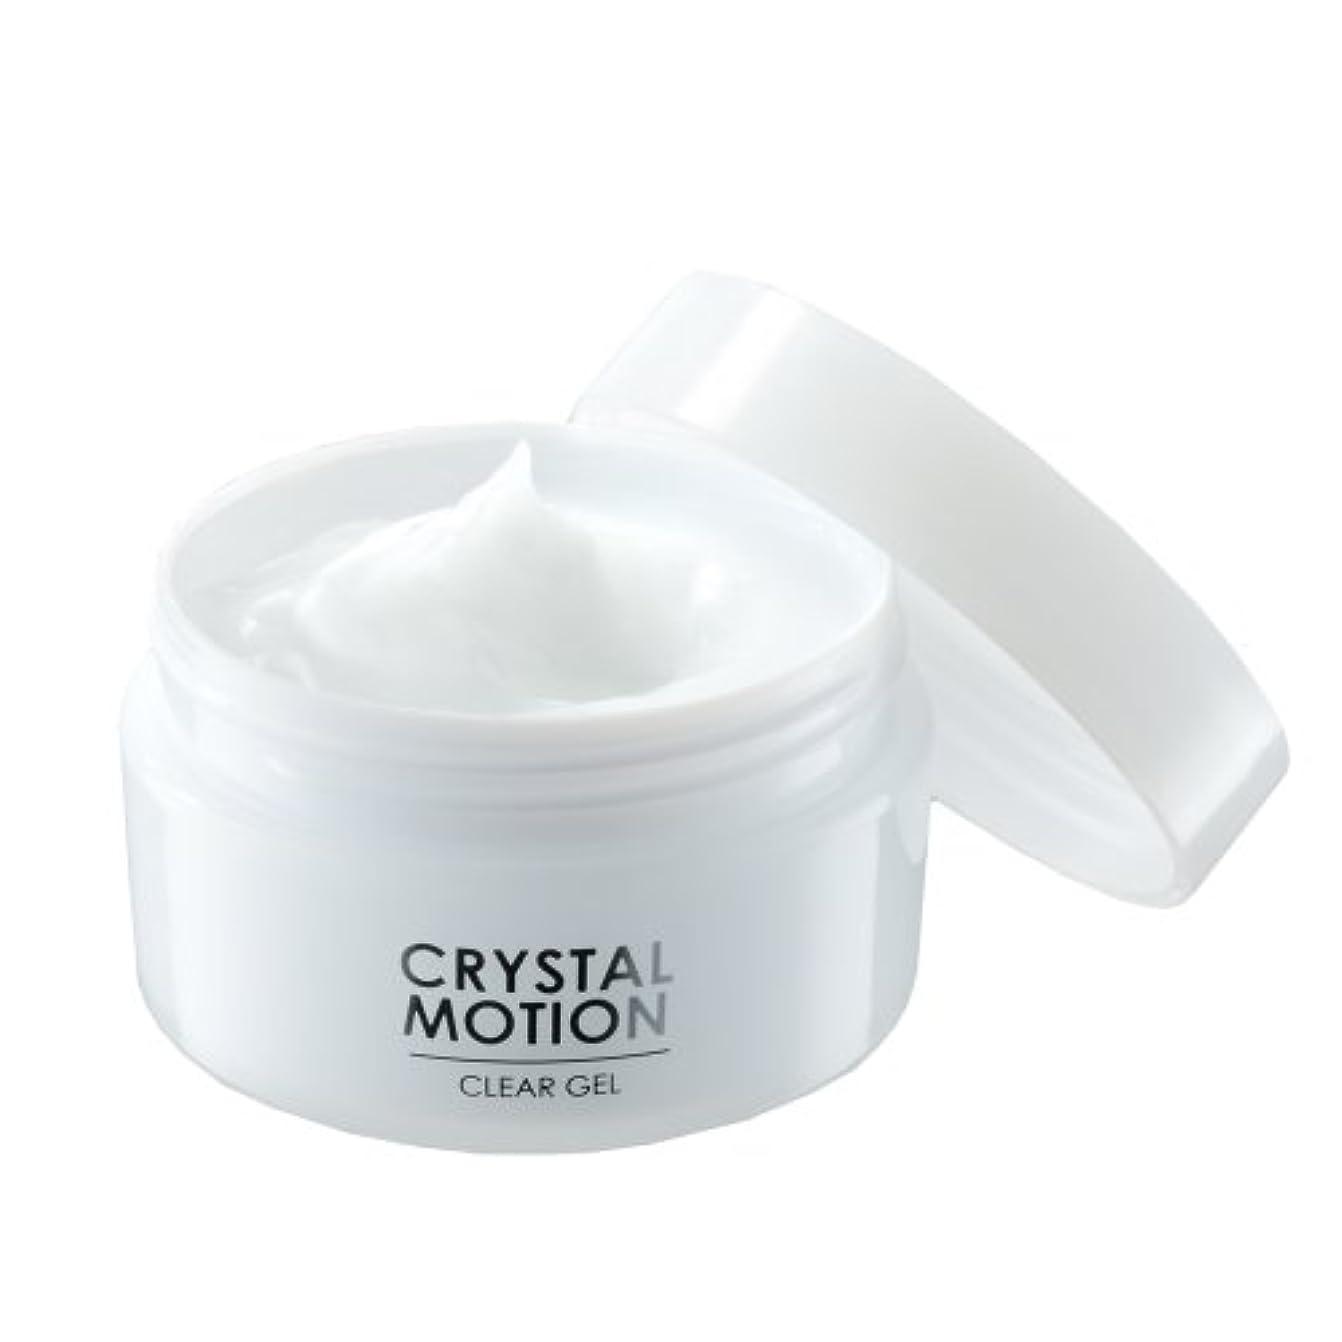 介入する冷笑するアッパークリスタルモーション CRYSTAL MOTION 薬用ニキビケアジェル 保湿 乾燥 美白 美肌 ニキビ 予防 1ヶ月分 60g